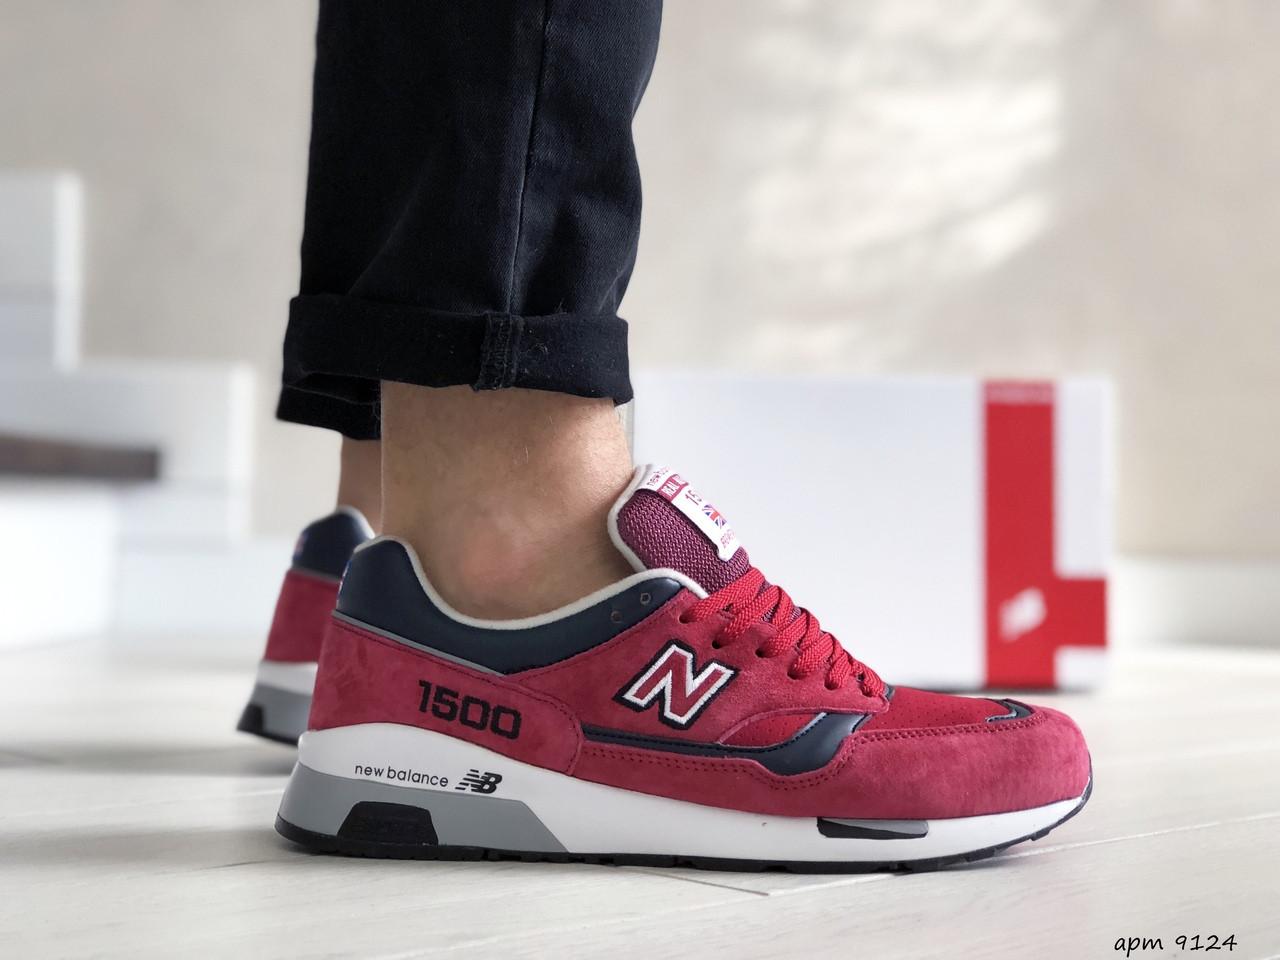 Чоловічі кросівки New Balance 1500 ВЕЛИКОБРИТАНІЯ (червоні) 9124